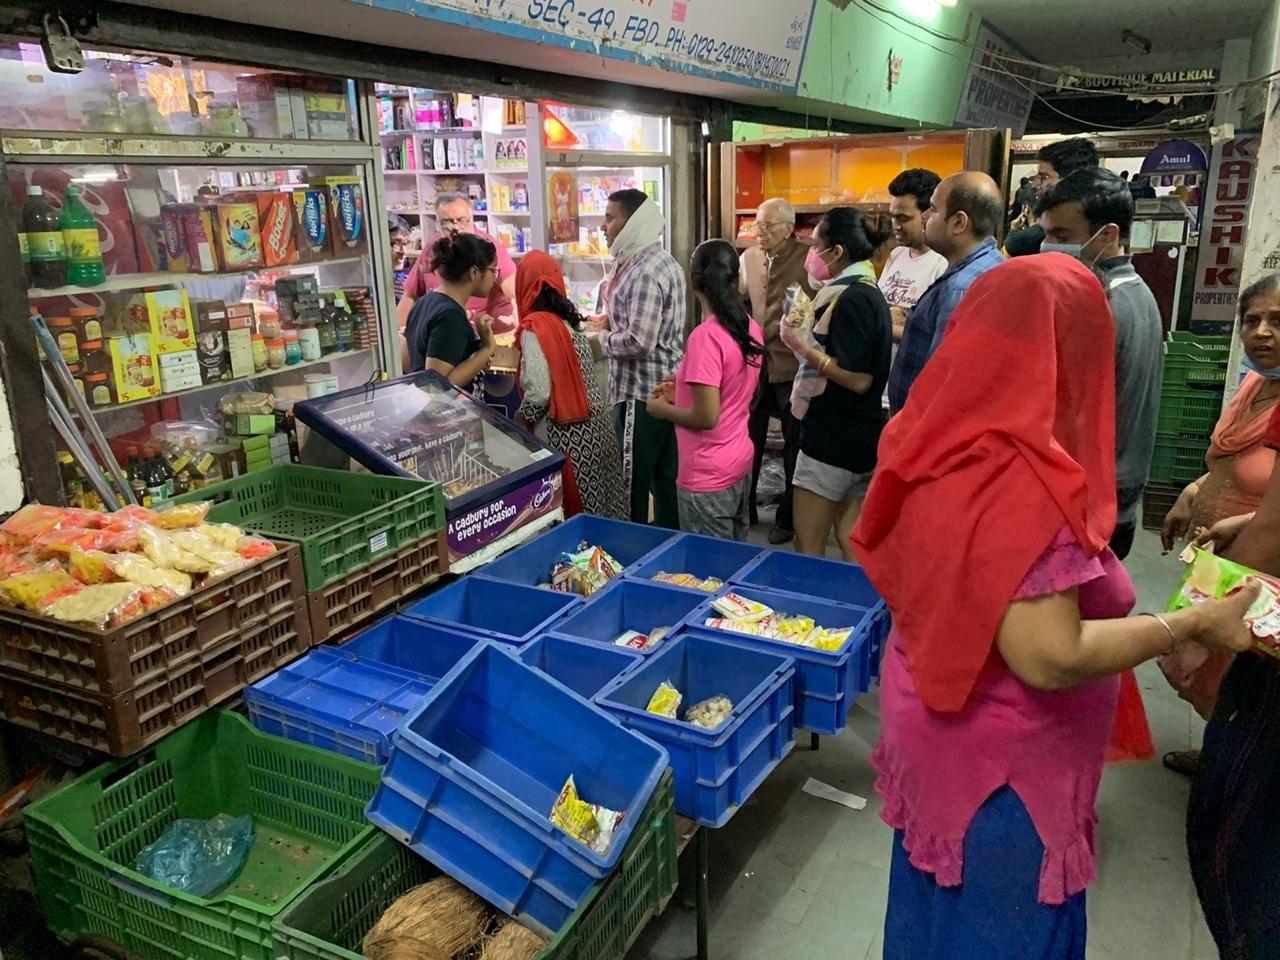 اگلے21 دن لاک ڈاؤن رہنے کے چلتے لوگوں نے راشن کی دکانوں پر جم کر خریداری کی۔